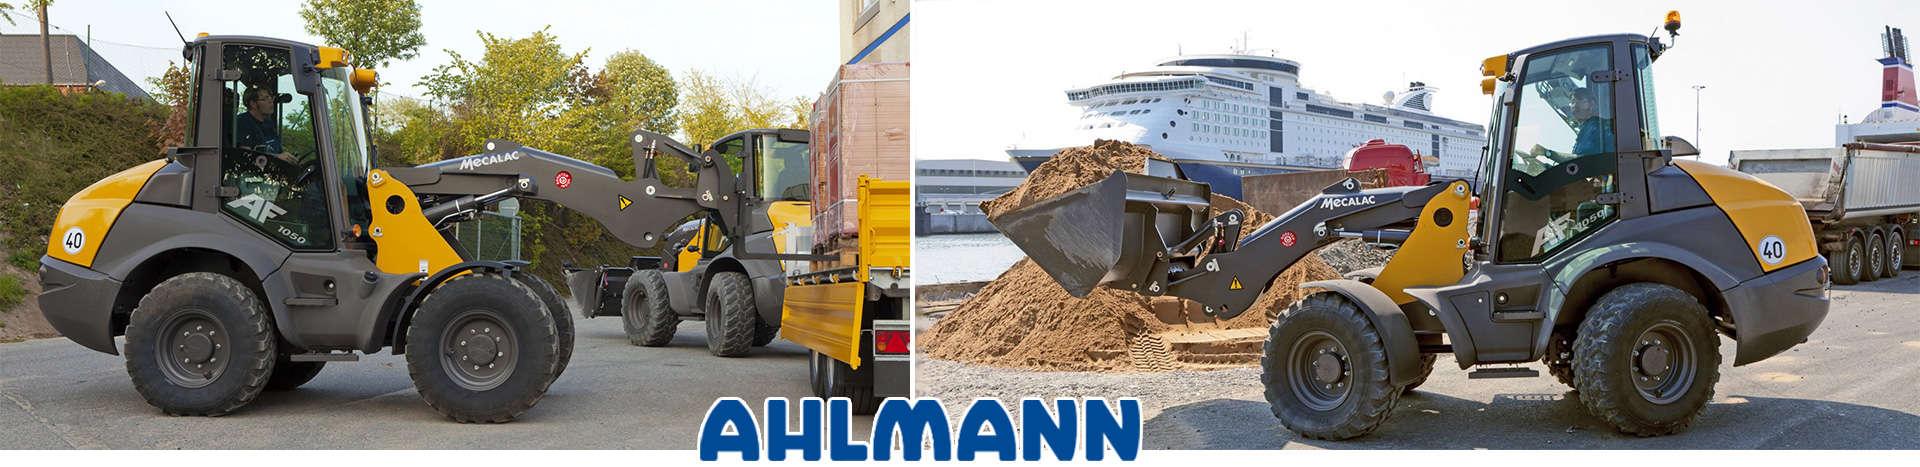 Ahlmann Radlader, Schwenklader, Knicklader bei MBN Baumaschinenwelt